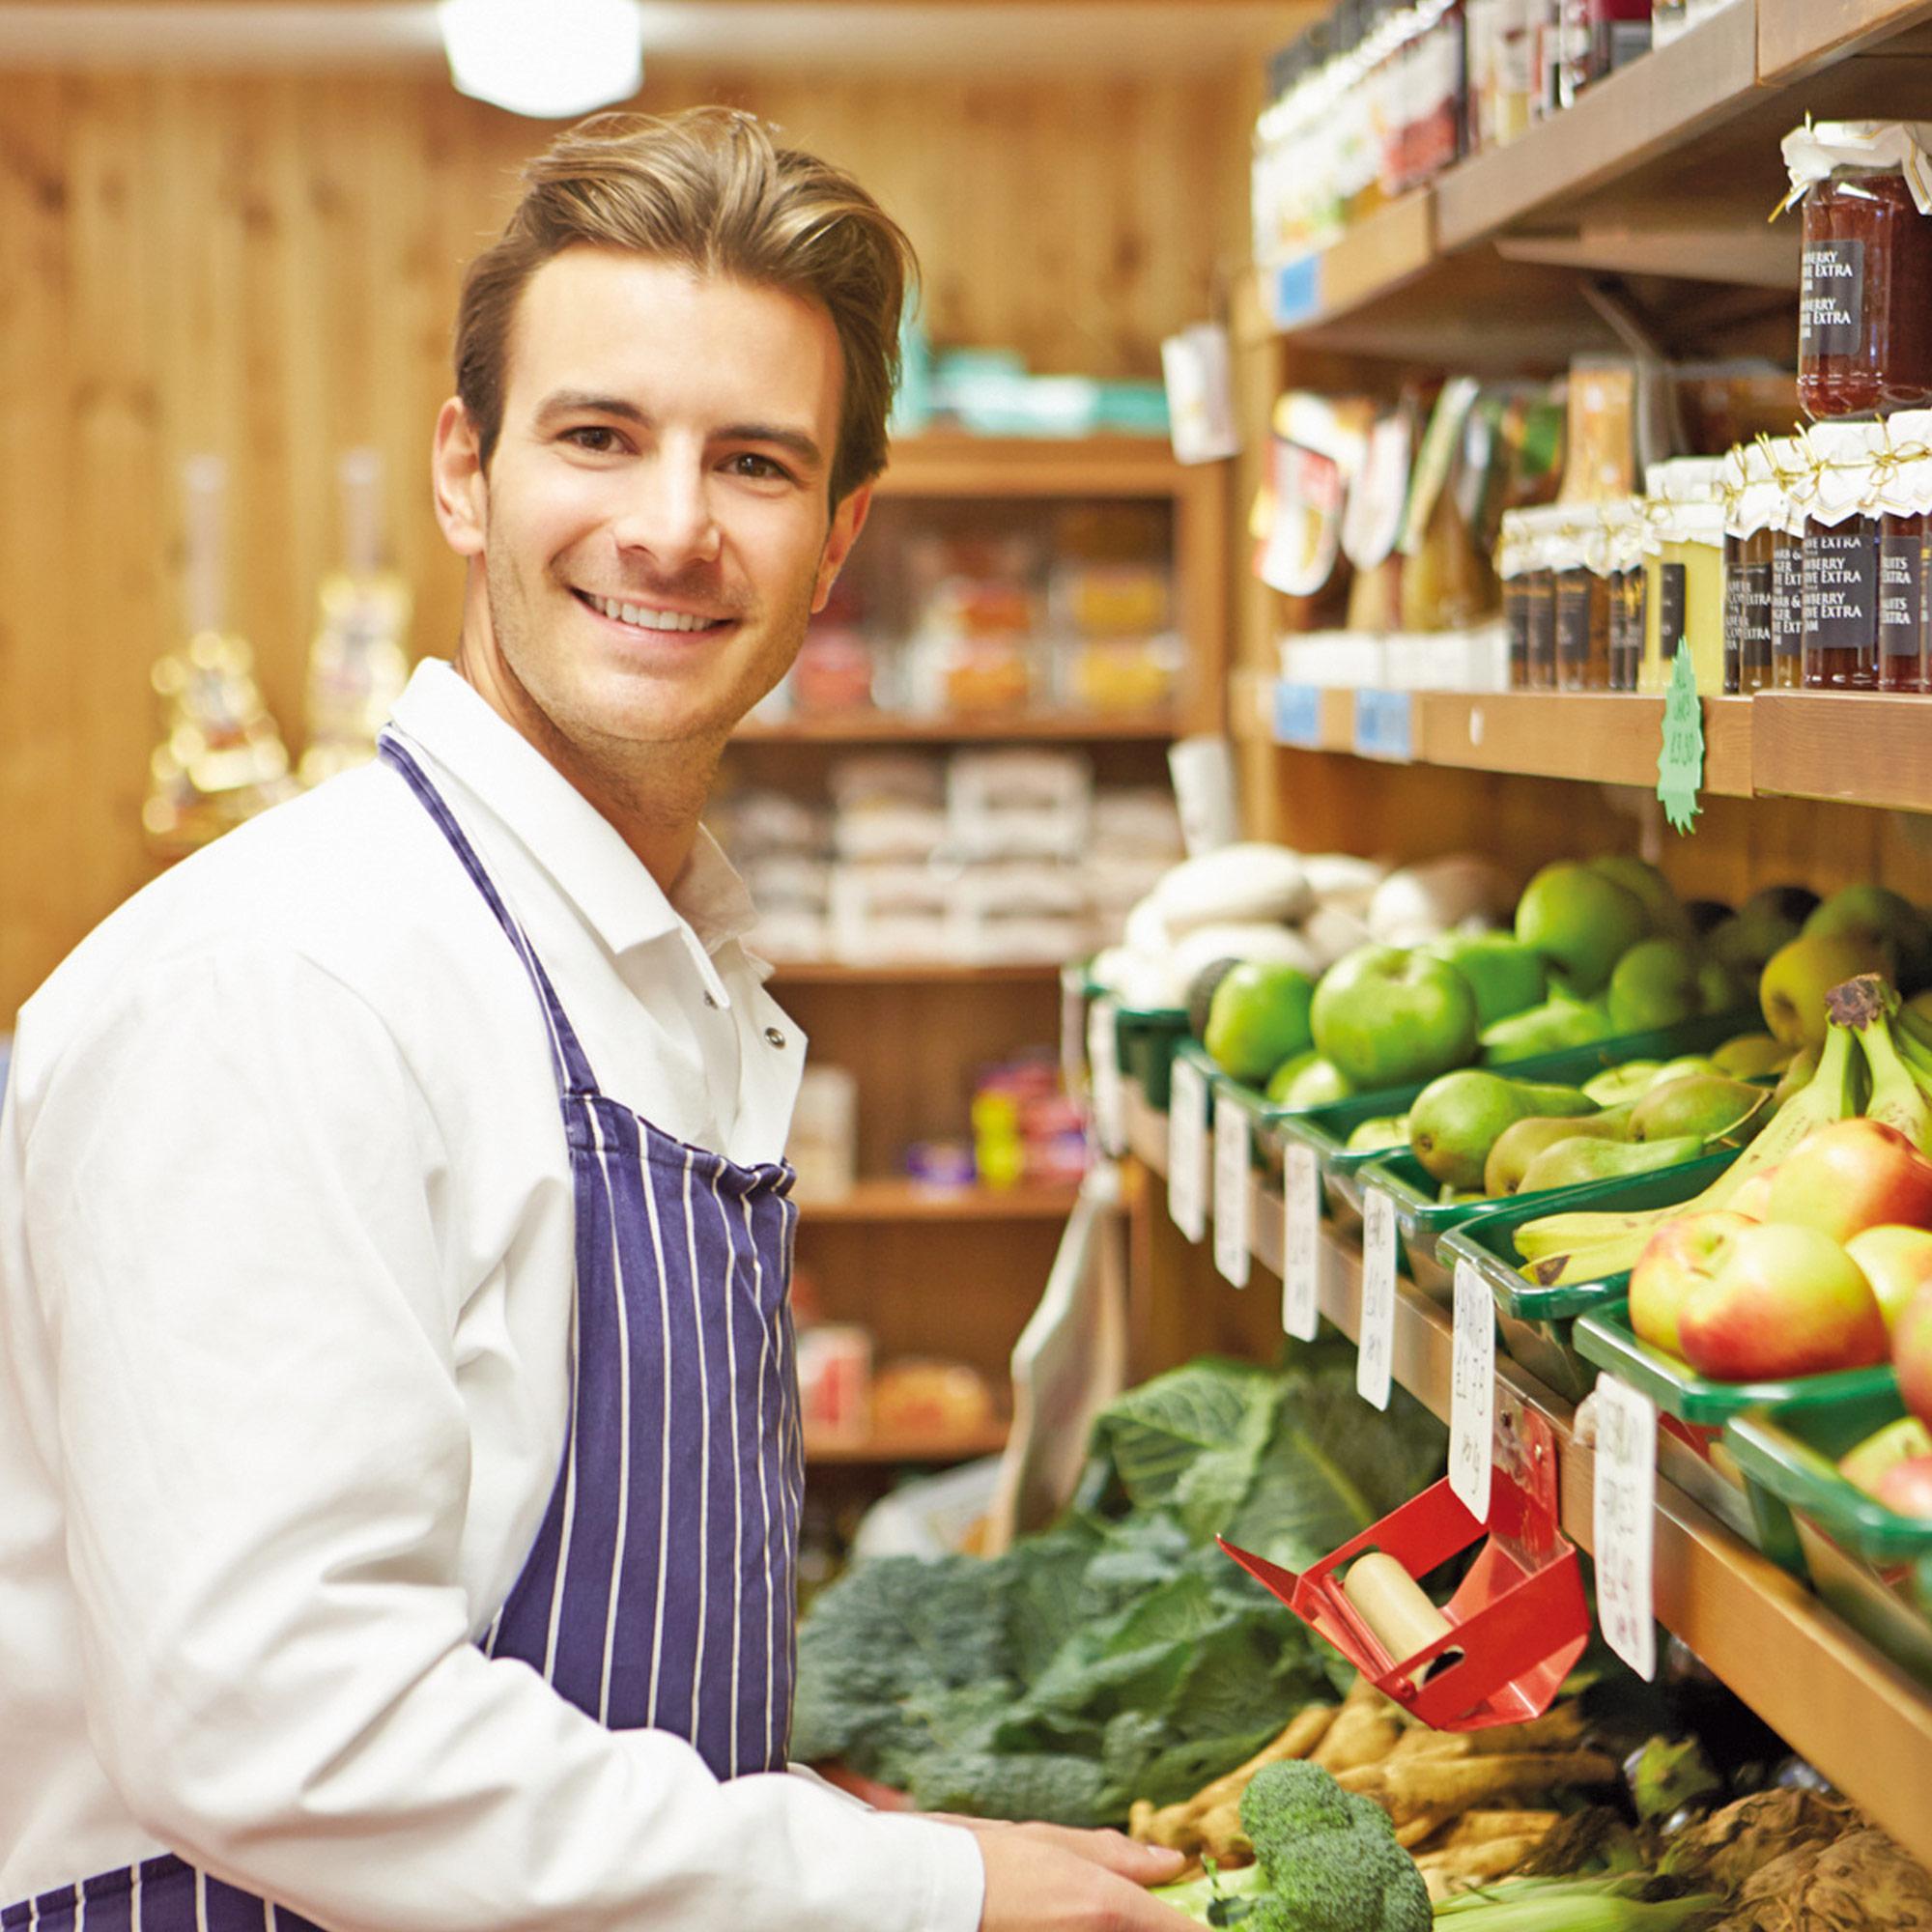 Verkäufer im geplanten Bio-Supermarkt im Gebäude der Studiosus 5 Wohnanlage in Augsburg